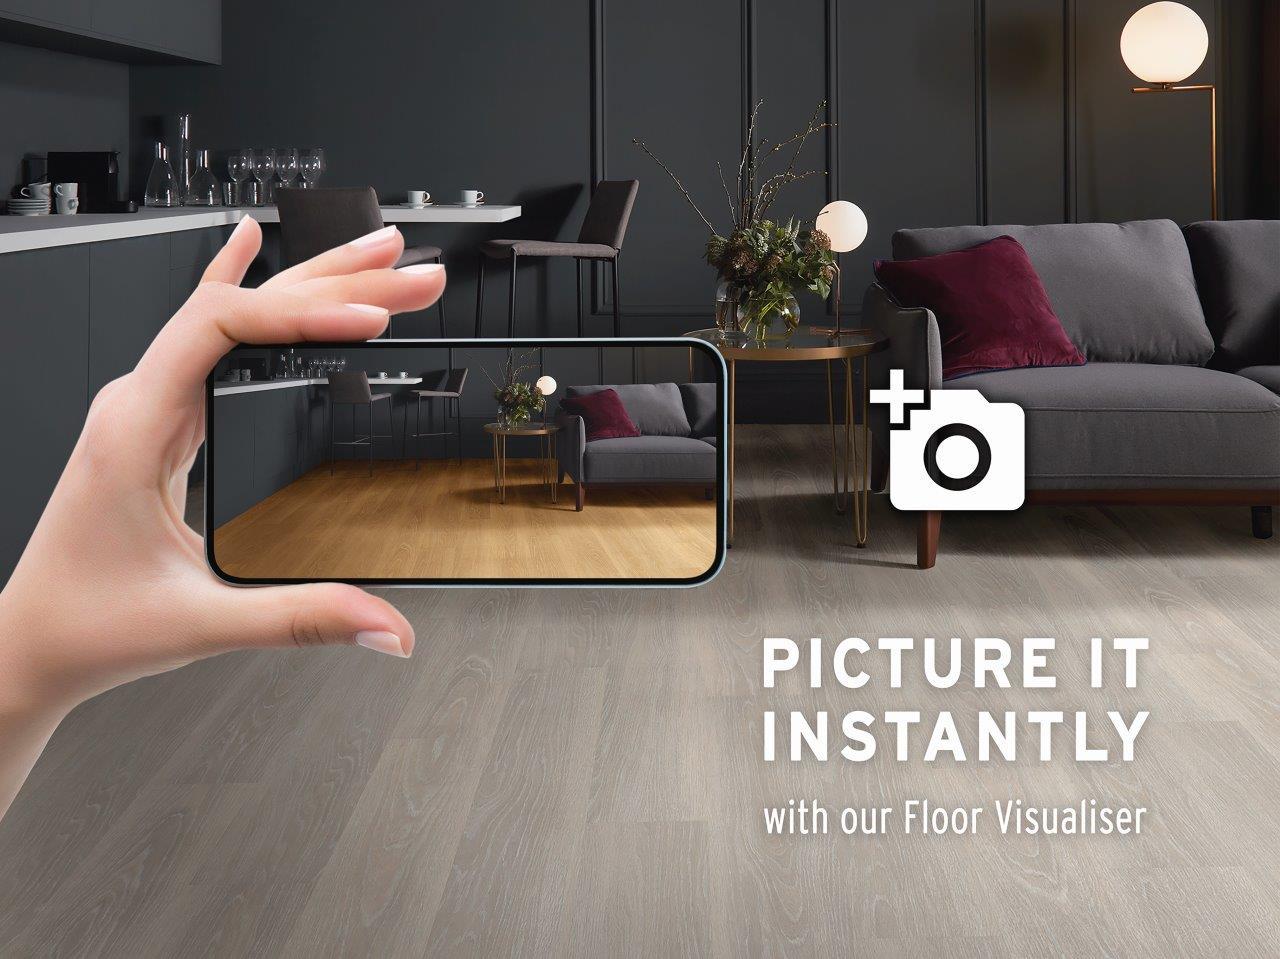 New Floor Visualiser!